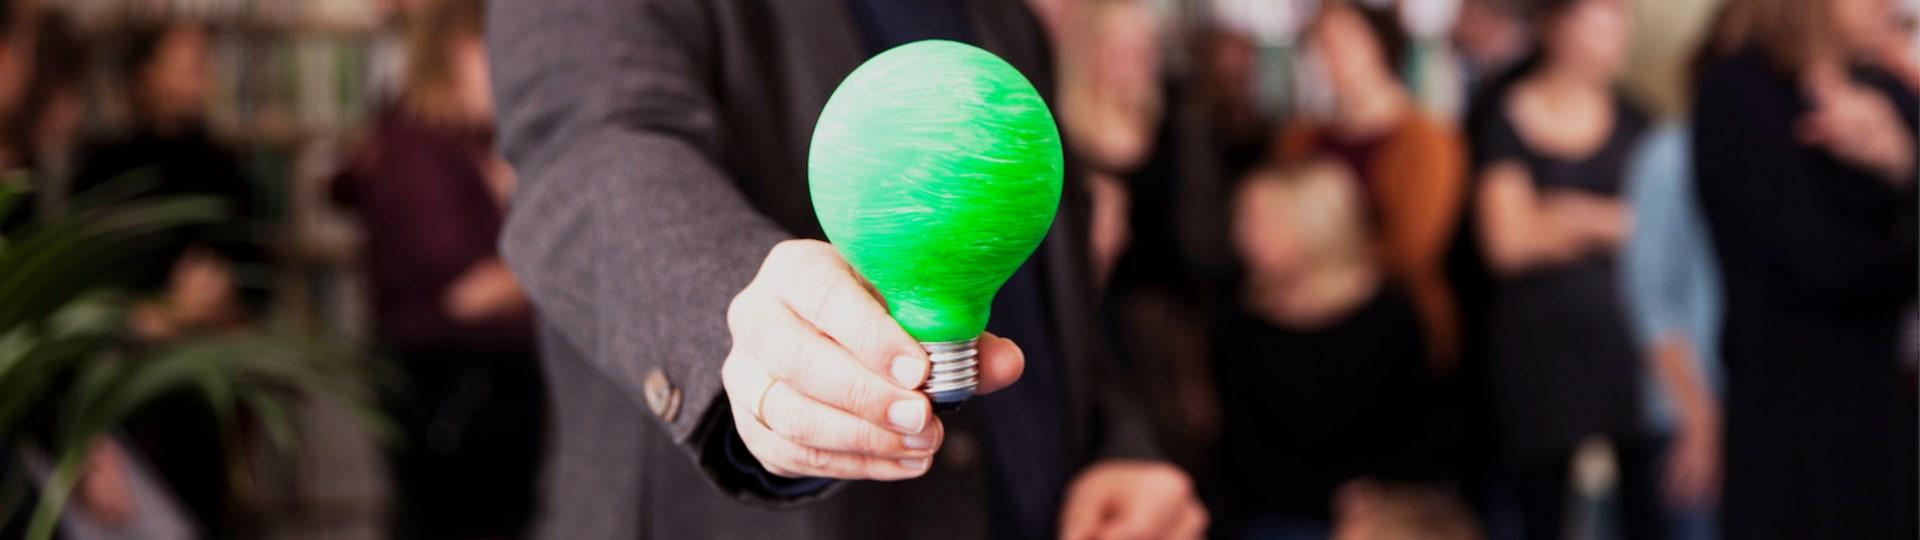 Eine Hand hält eine grüne Glühbirne – Darstellung der grünen Unternehmensphilosophie